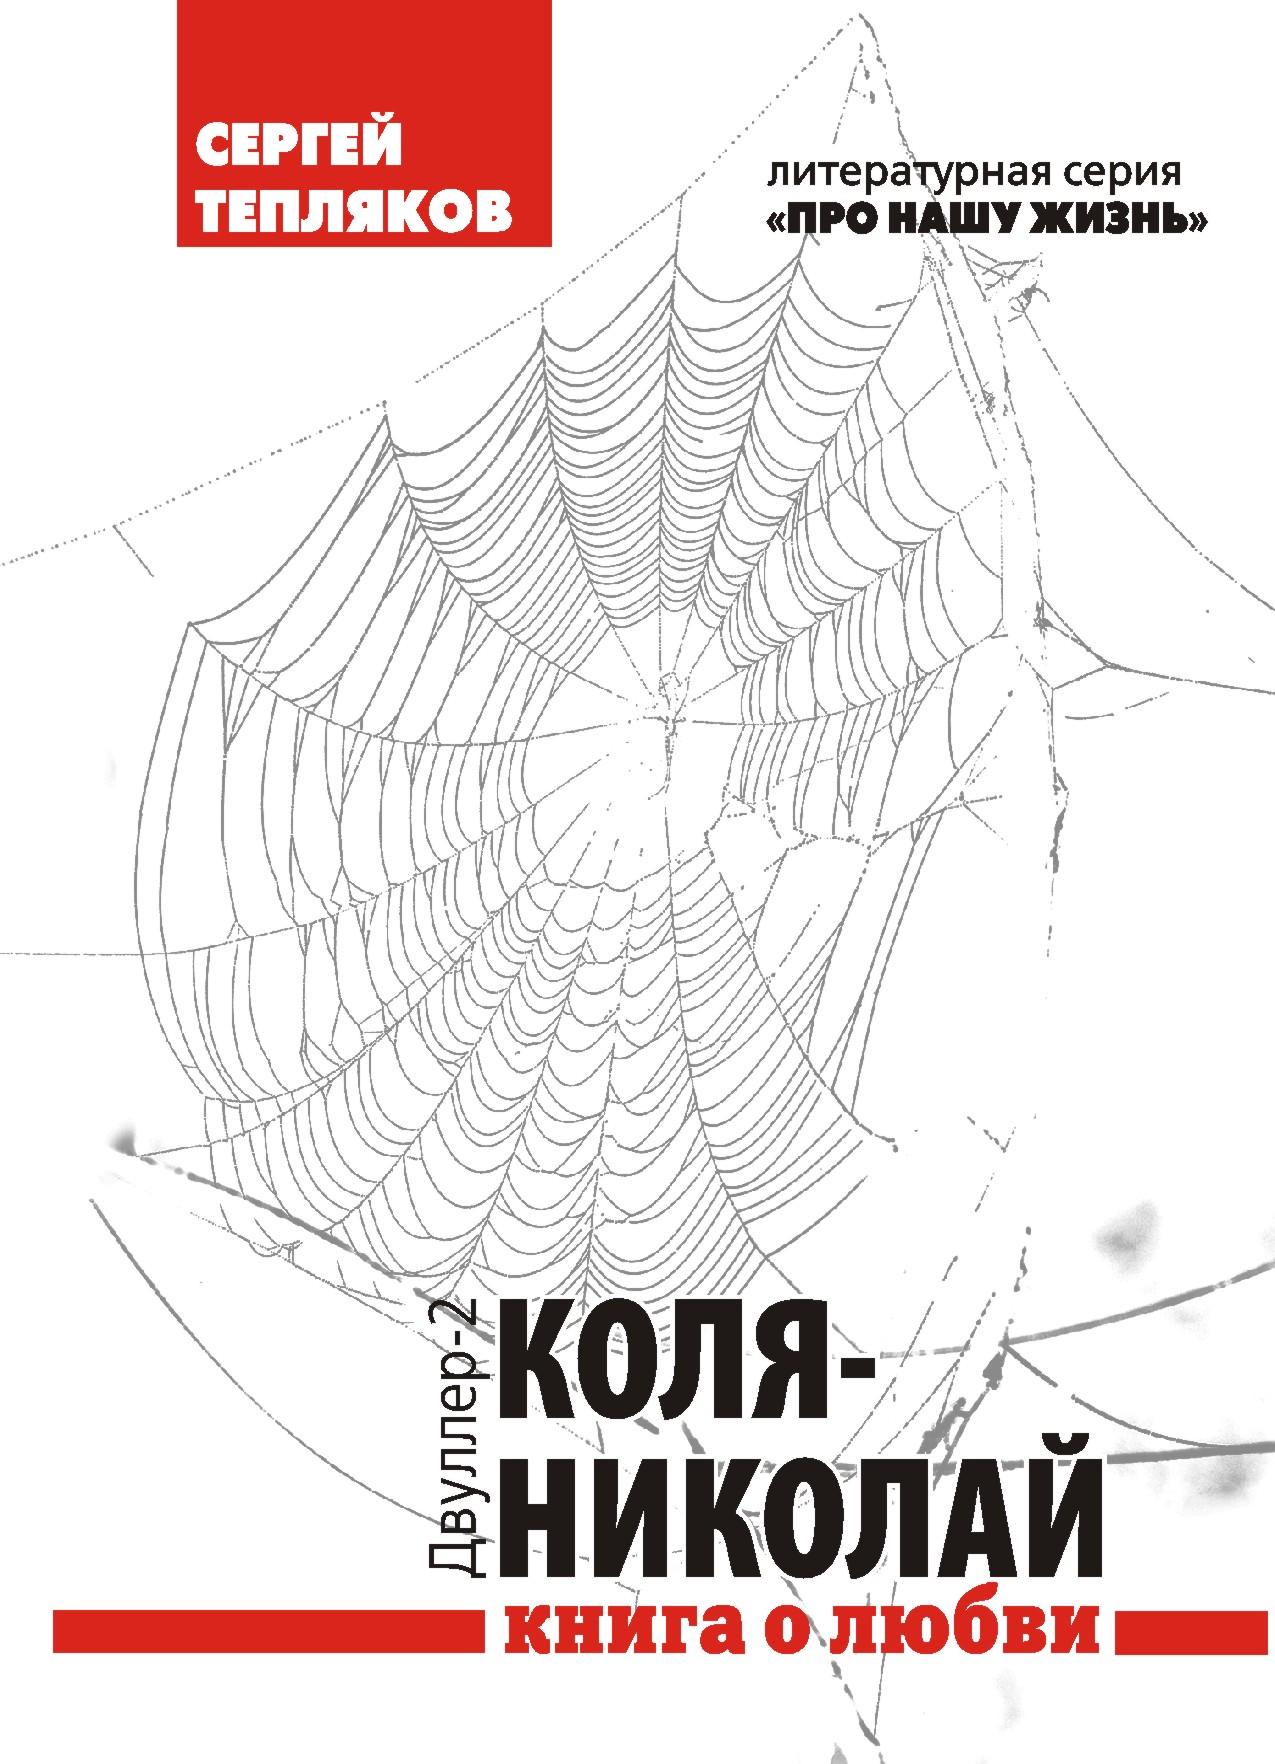 Книга Двуллер-2: Коля-Николай